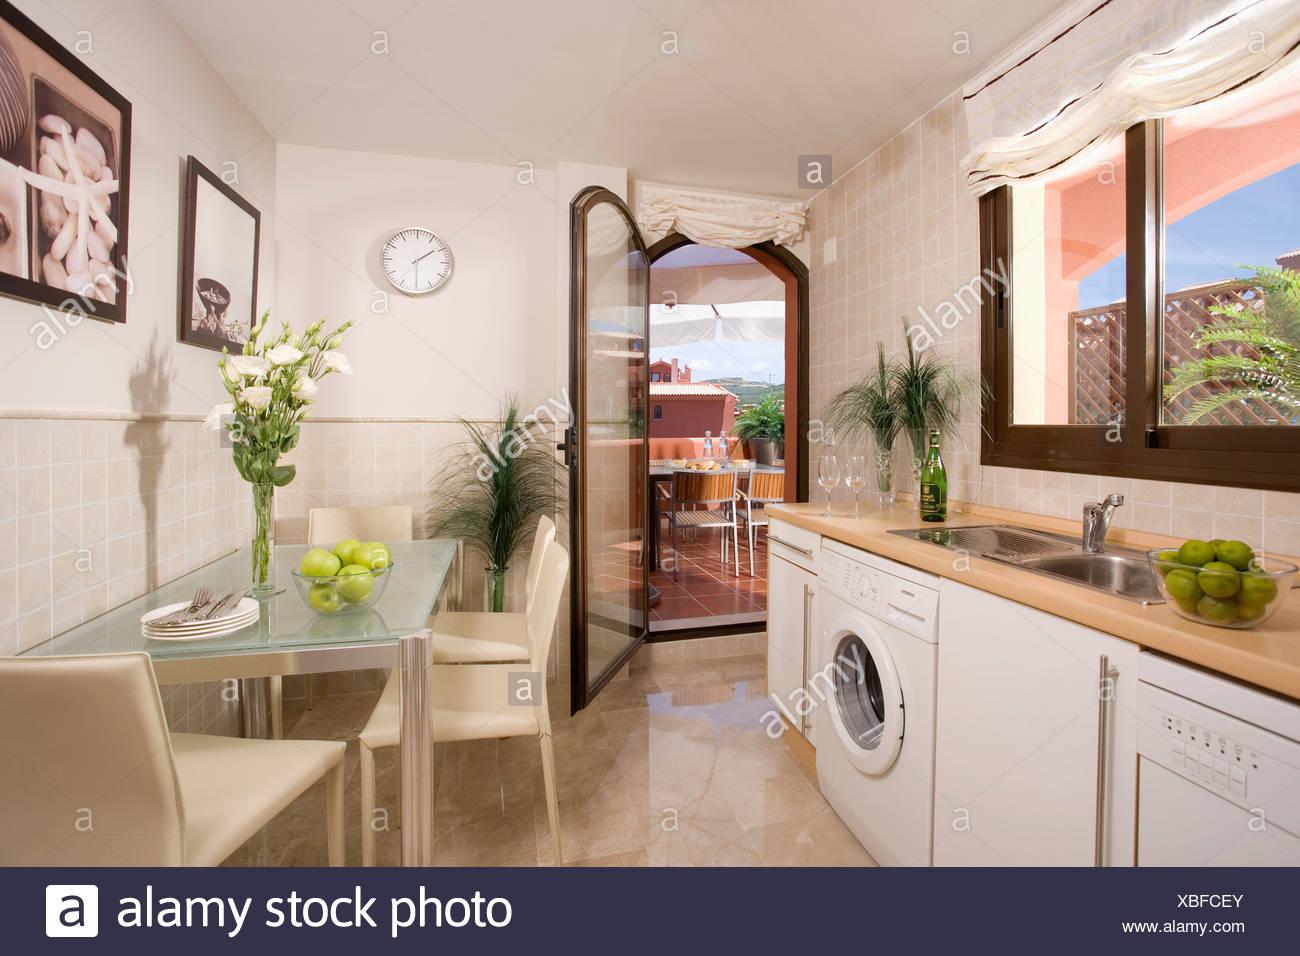 Nett Pantry Küche Deckenbeleuchtung Zeitgenössisch - Ideen Für Die ...